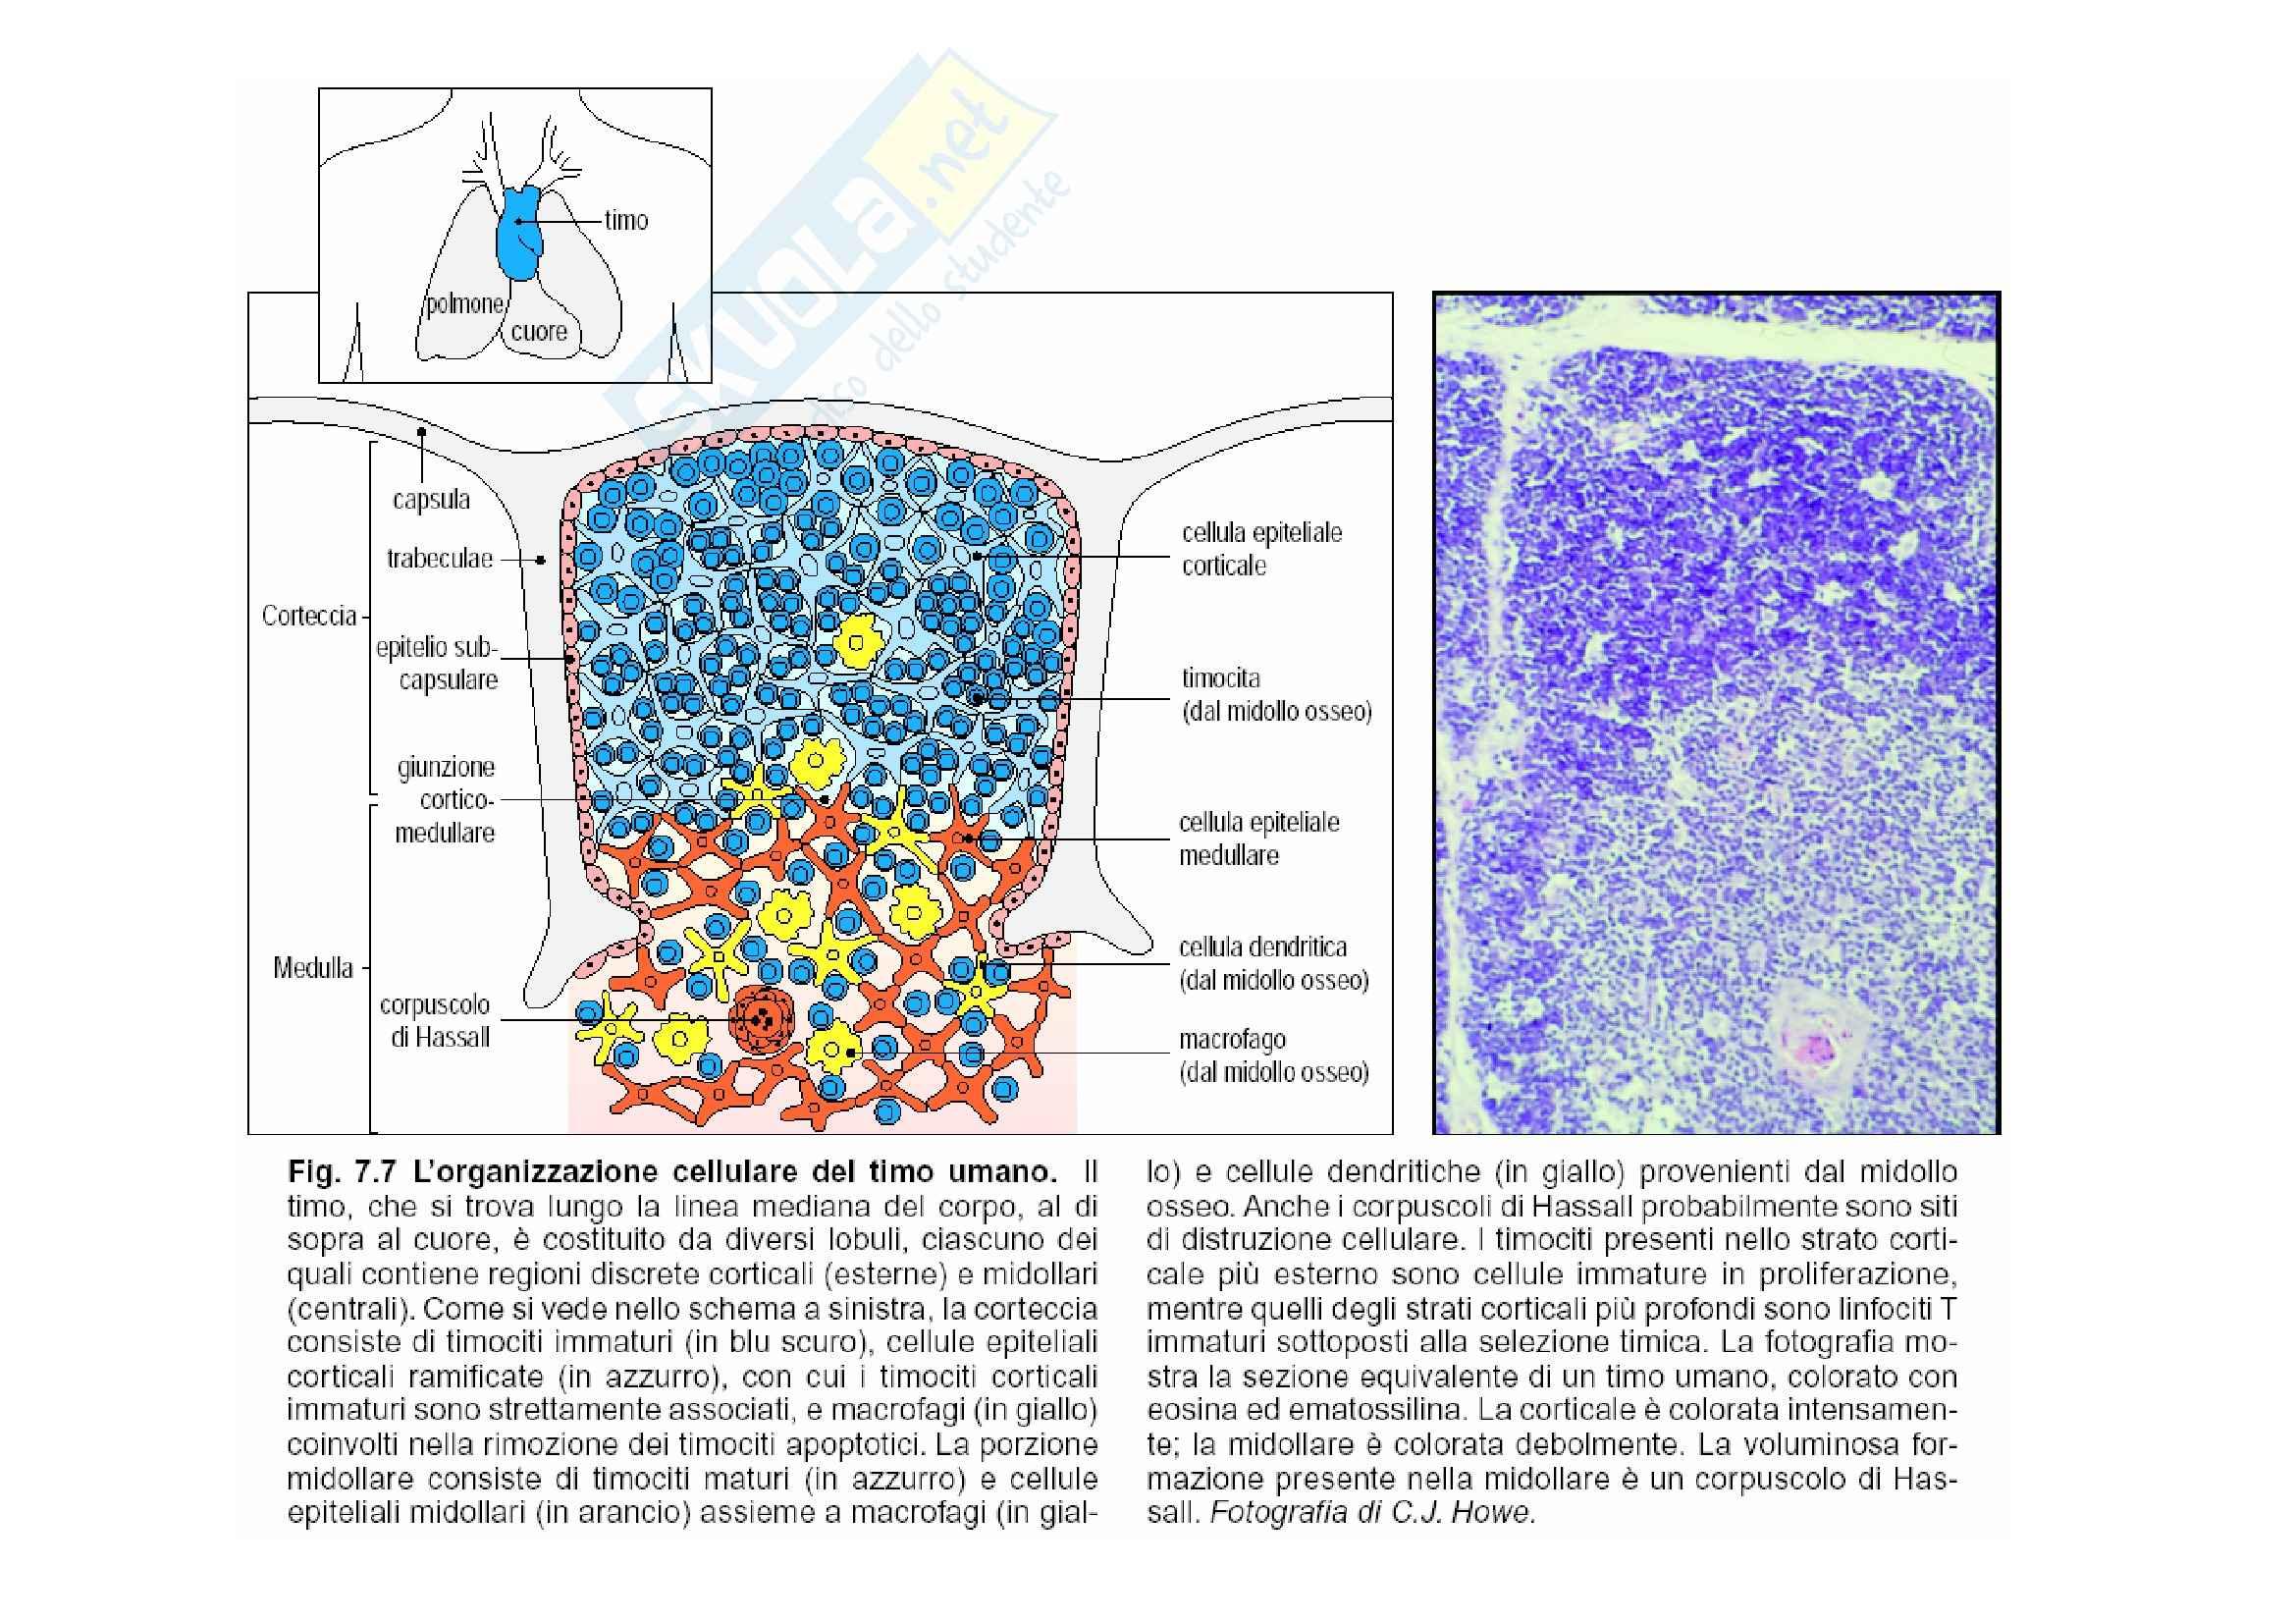 Immunologia - sviluppo intratimico dei linfociti T Pag. 2